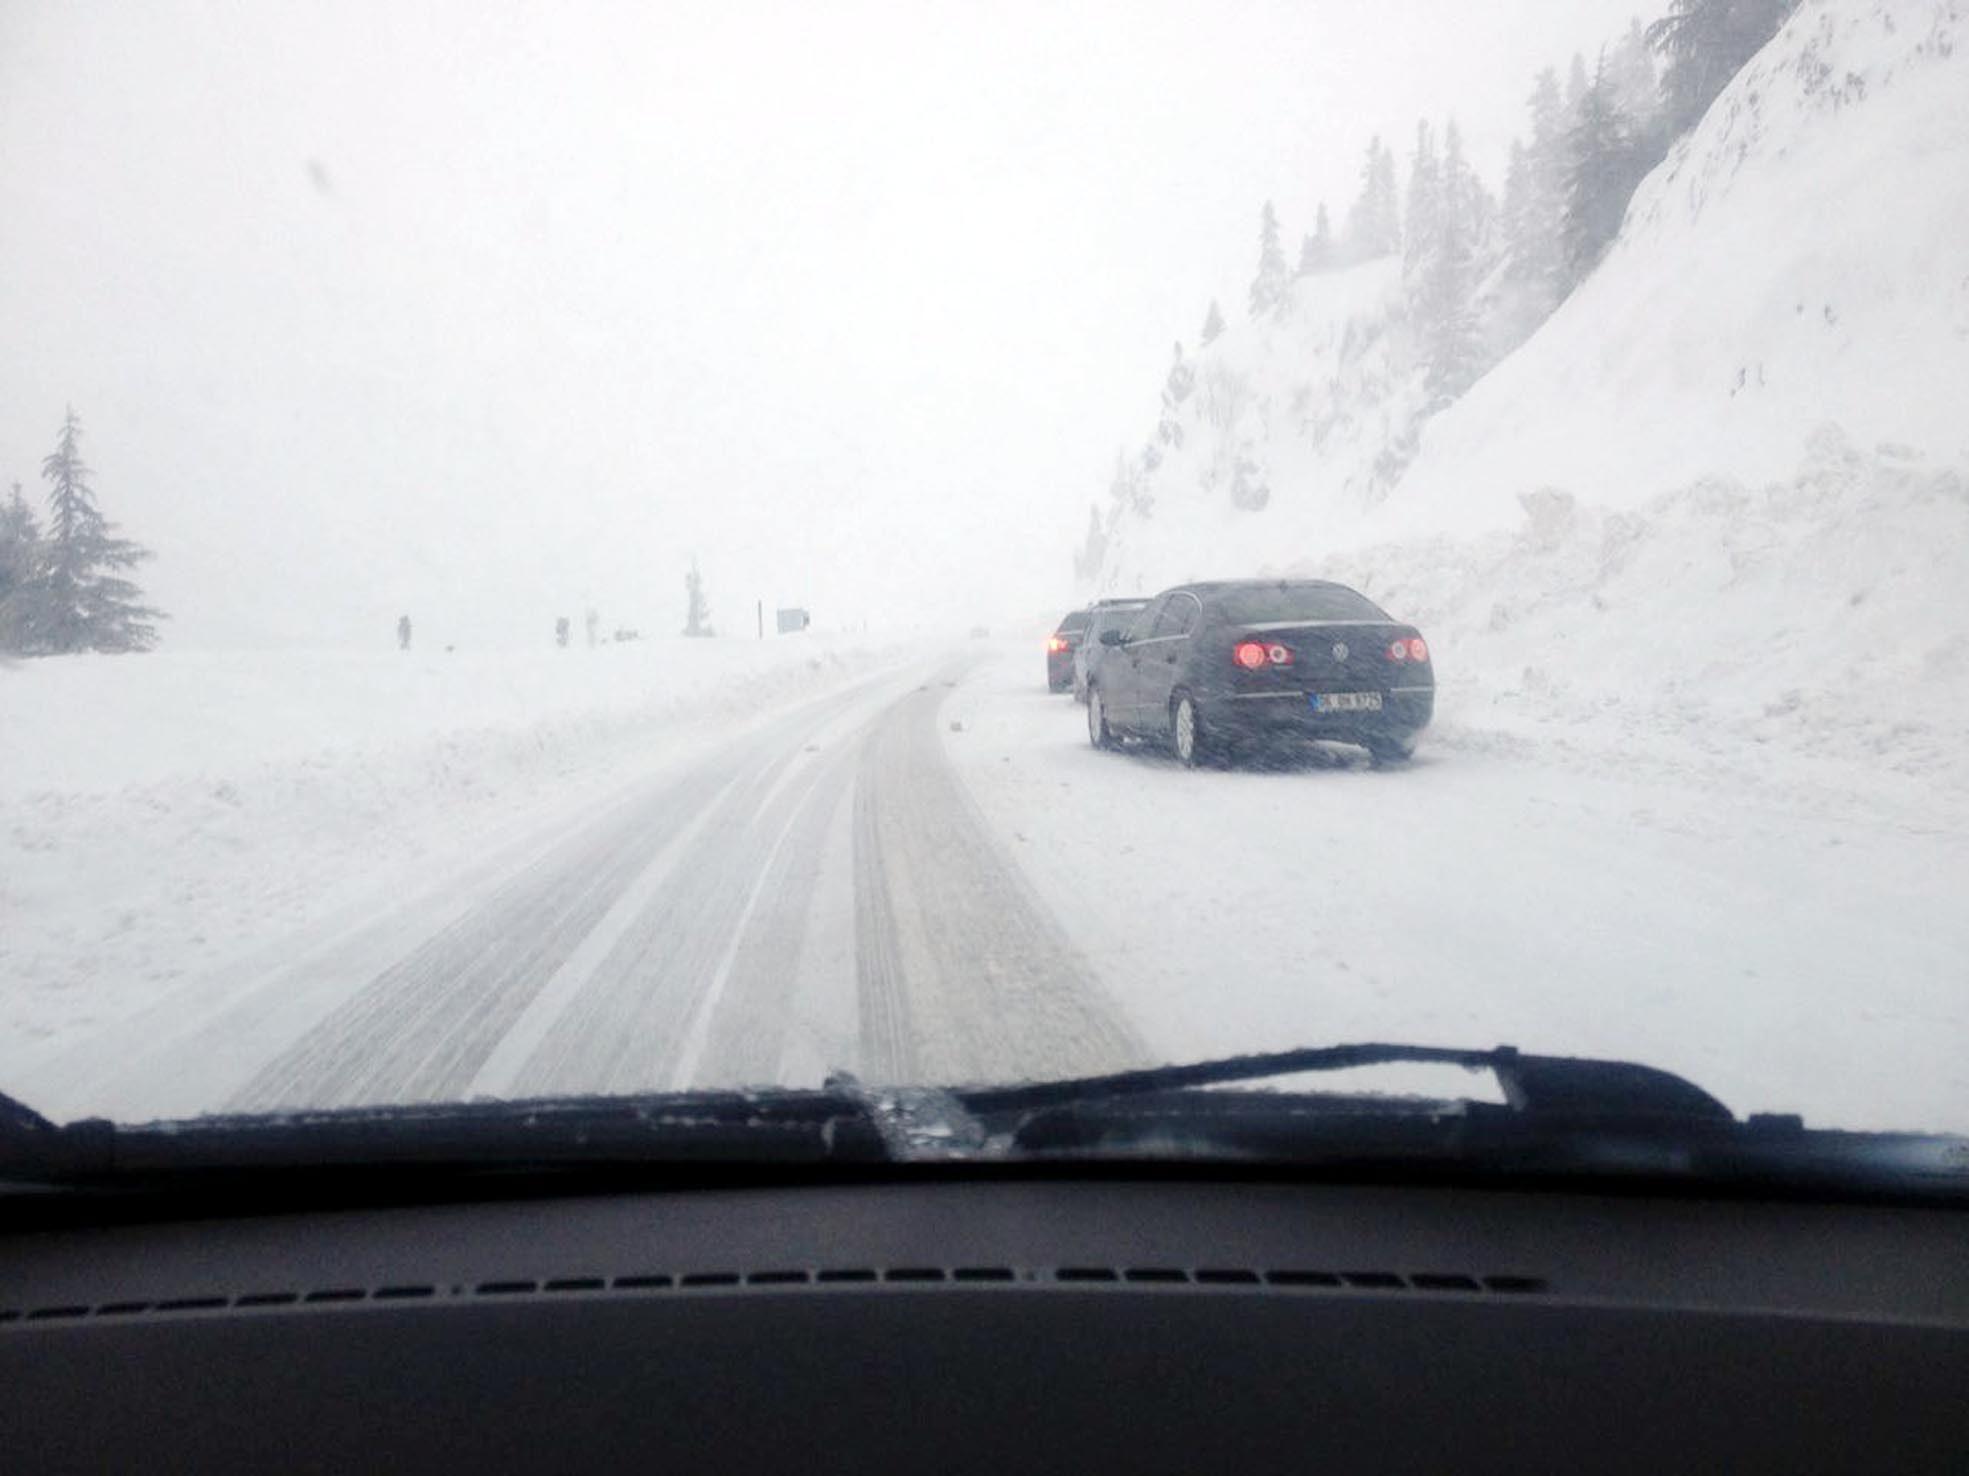 Kar Akseki Seydişehir yolunda ulaşımı engelliyor